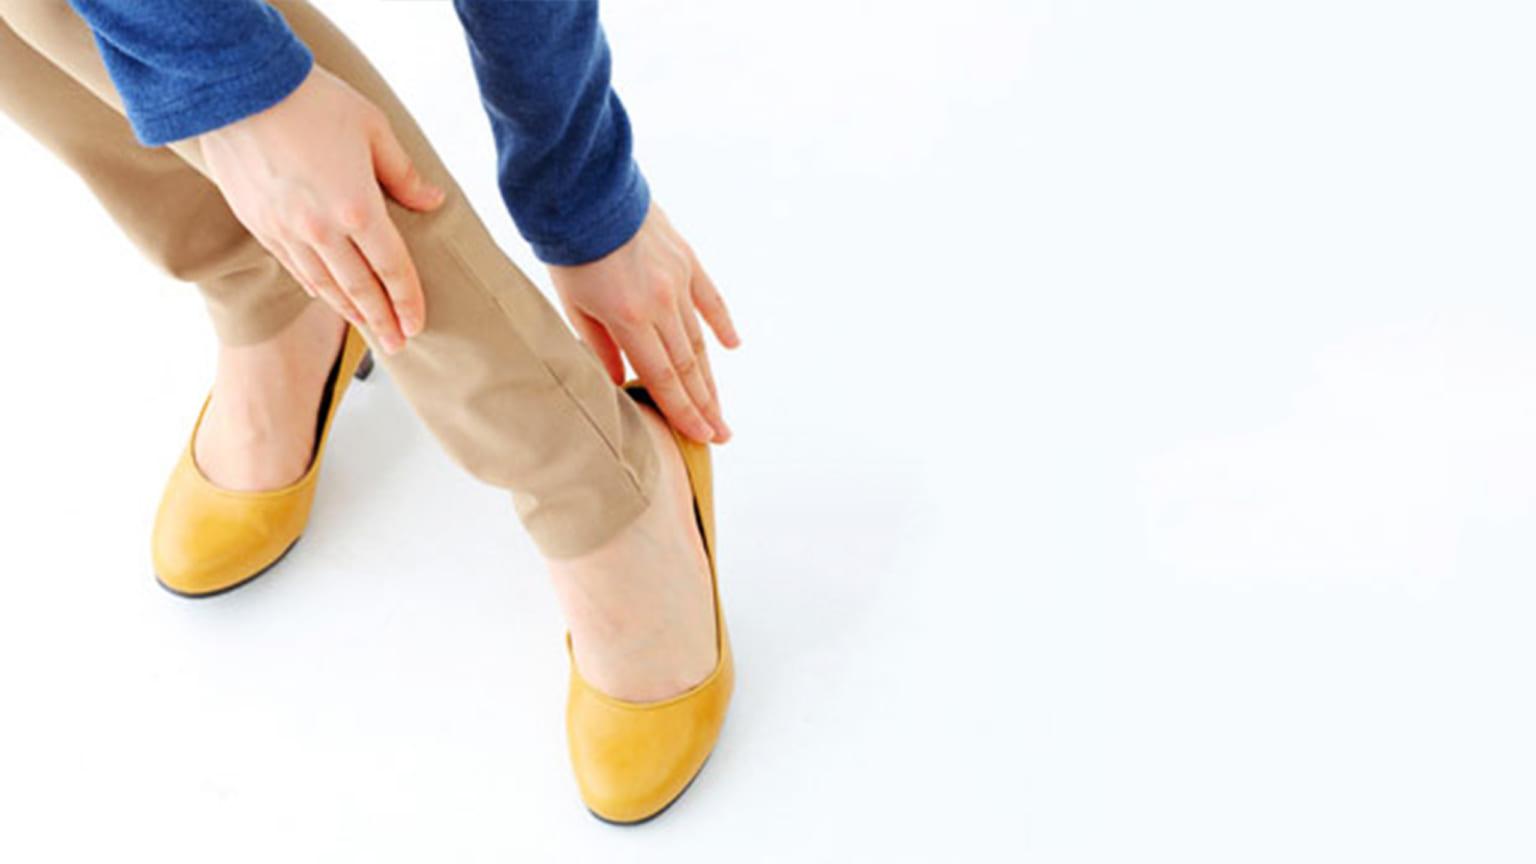 靴擦れの原因は?予防はできる?靴ズレ防止対策3選!